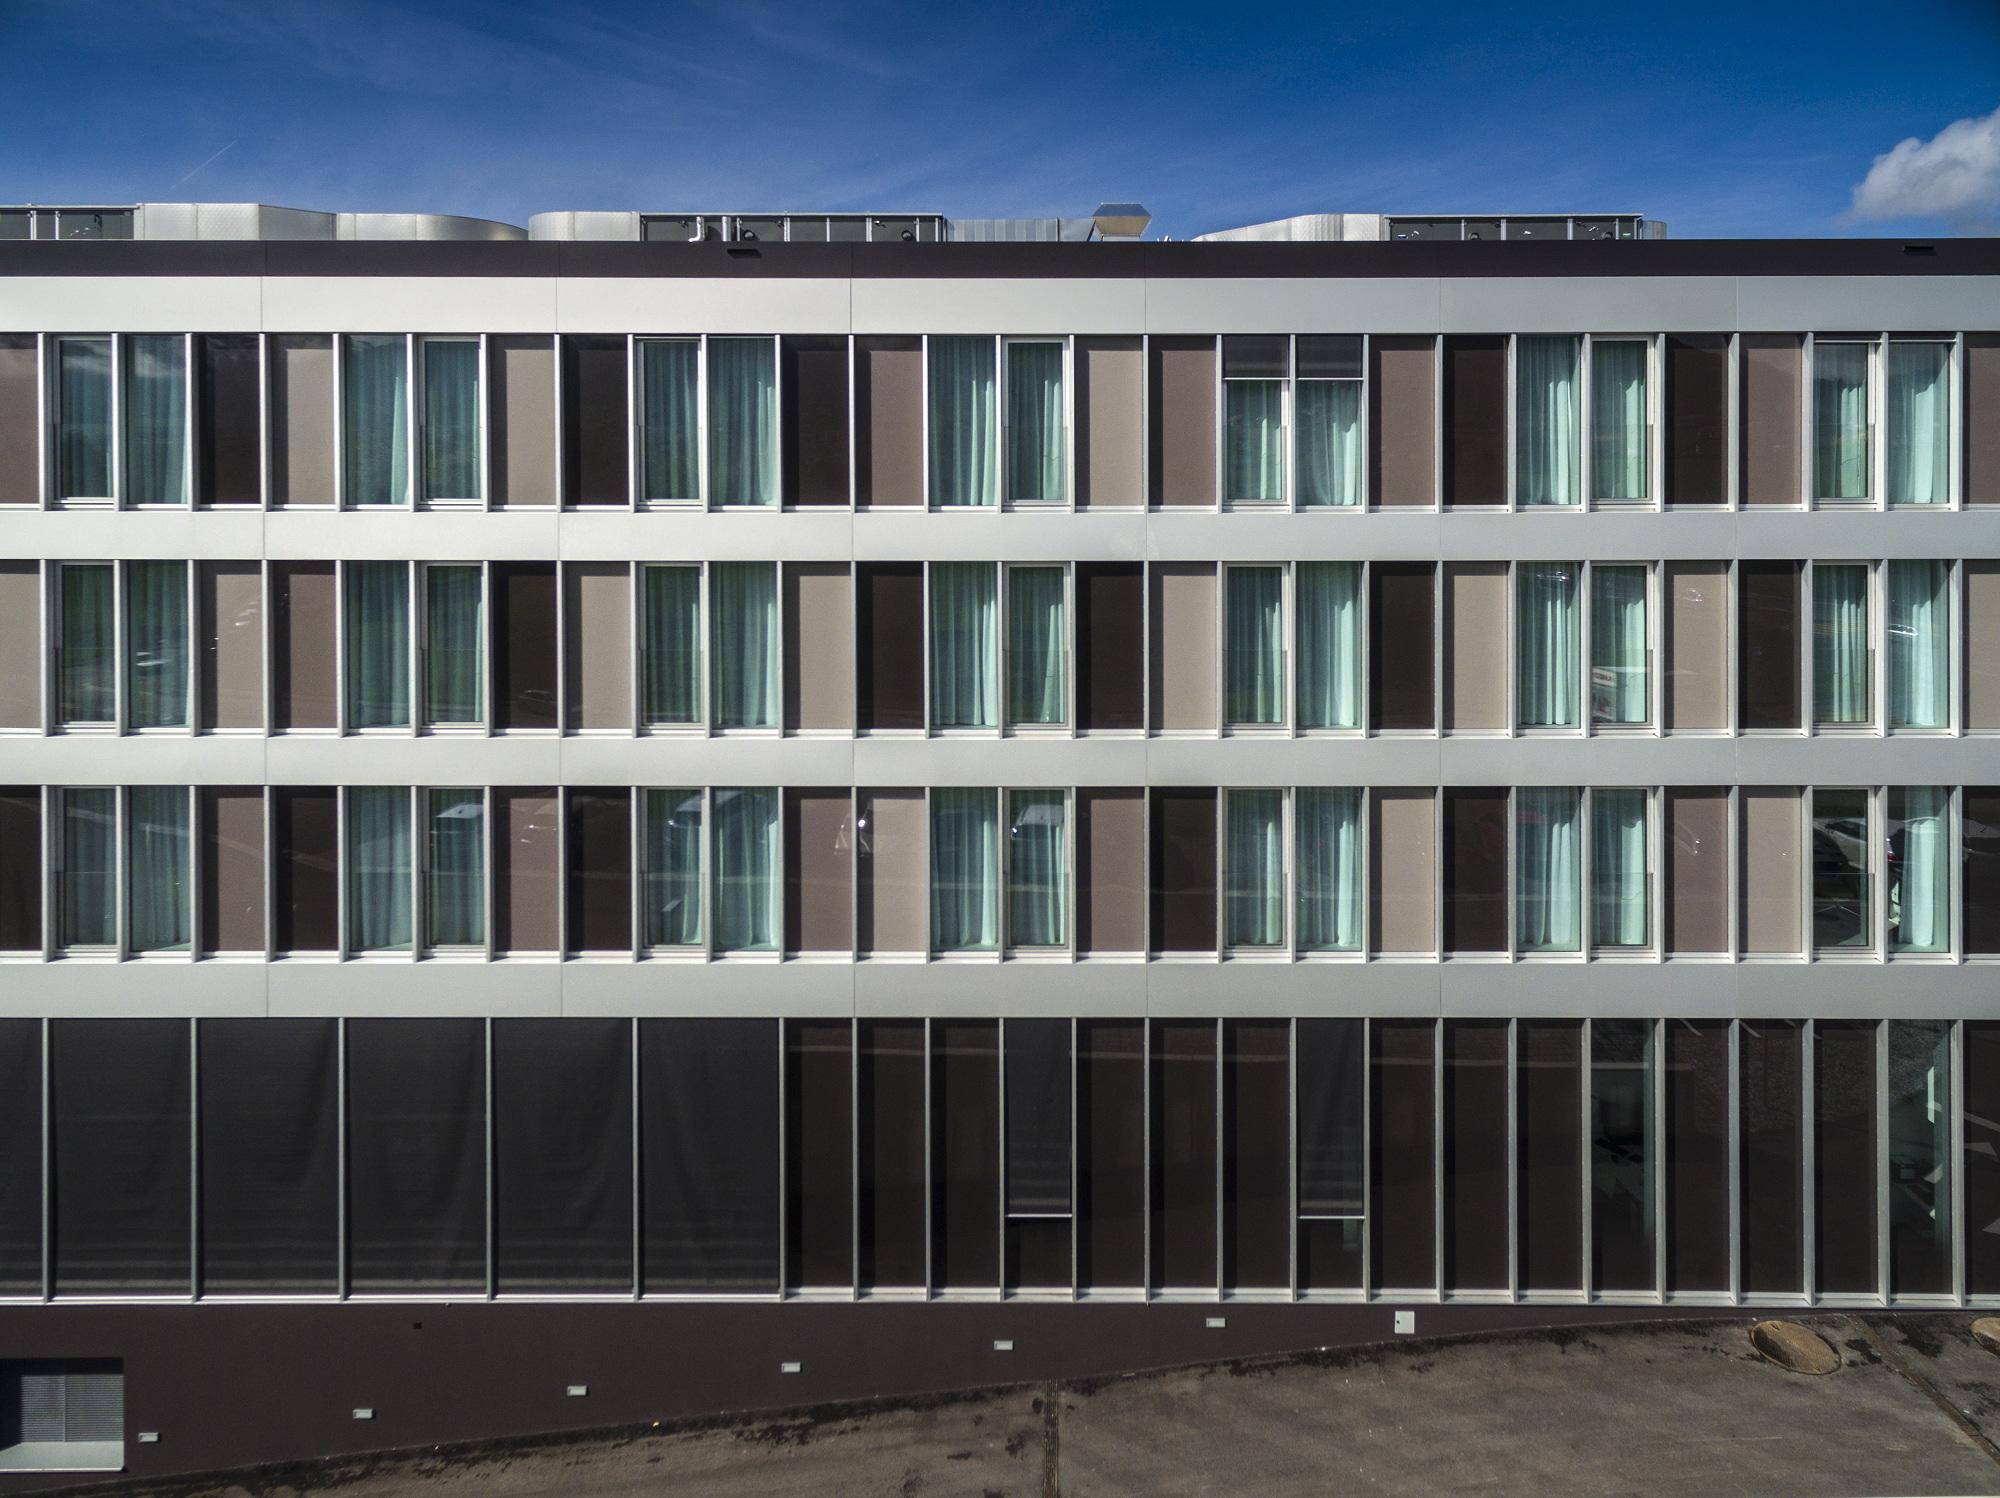 Hotel Facade Architecture